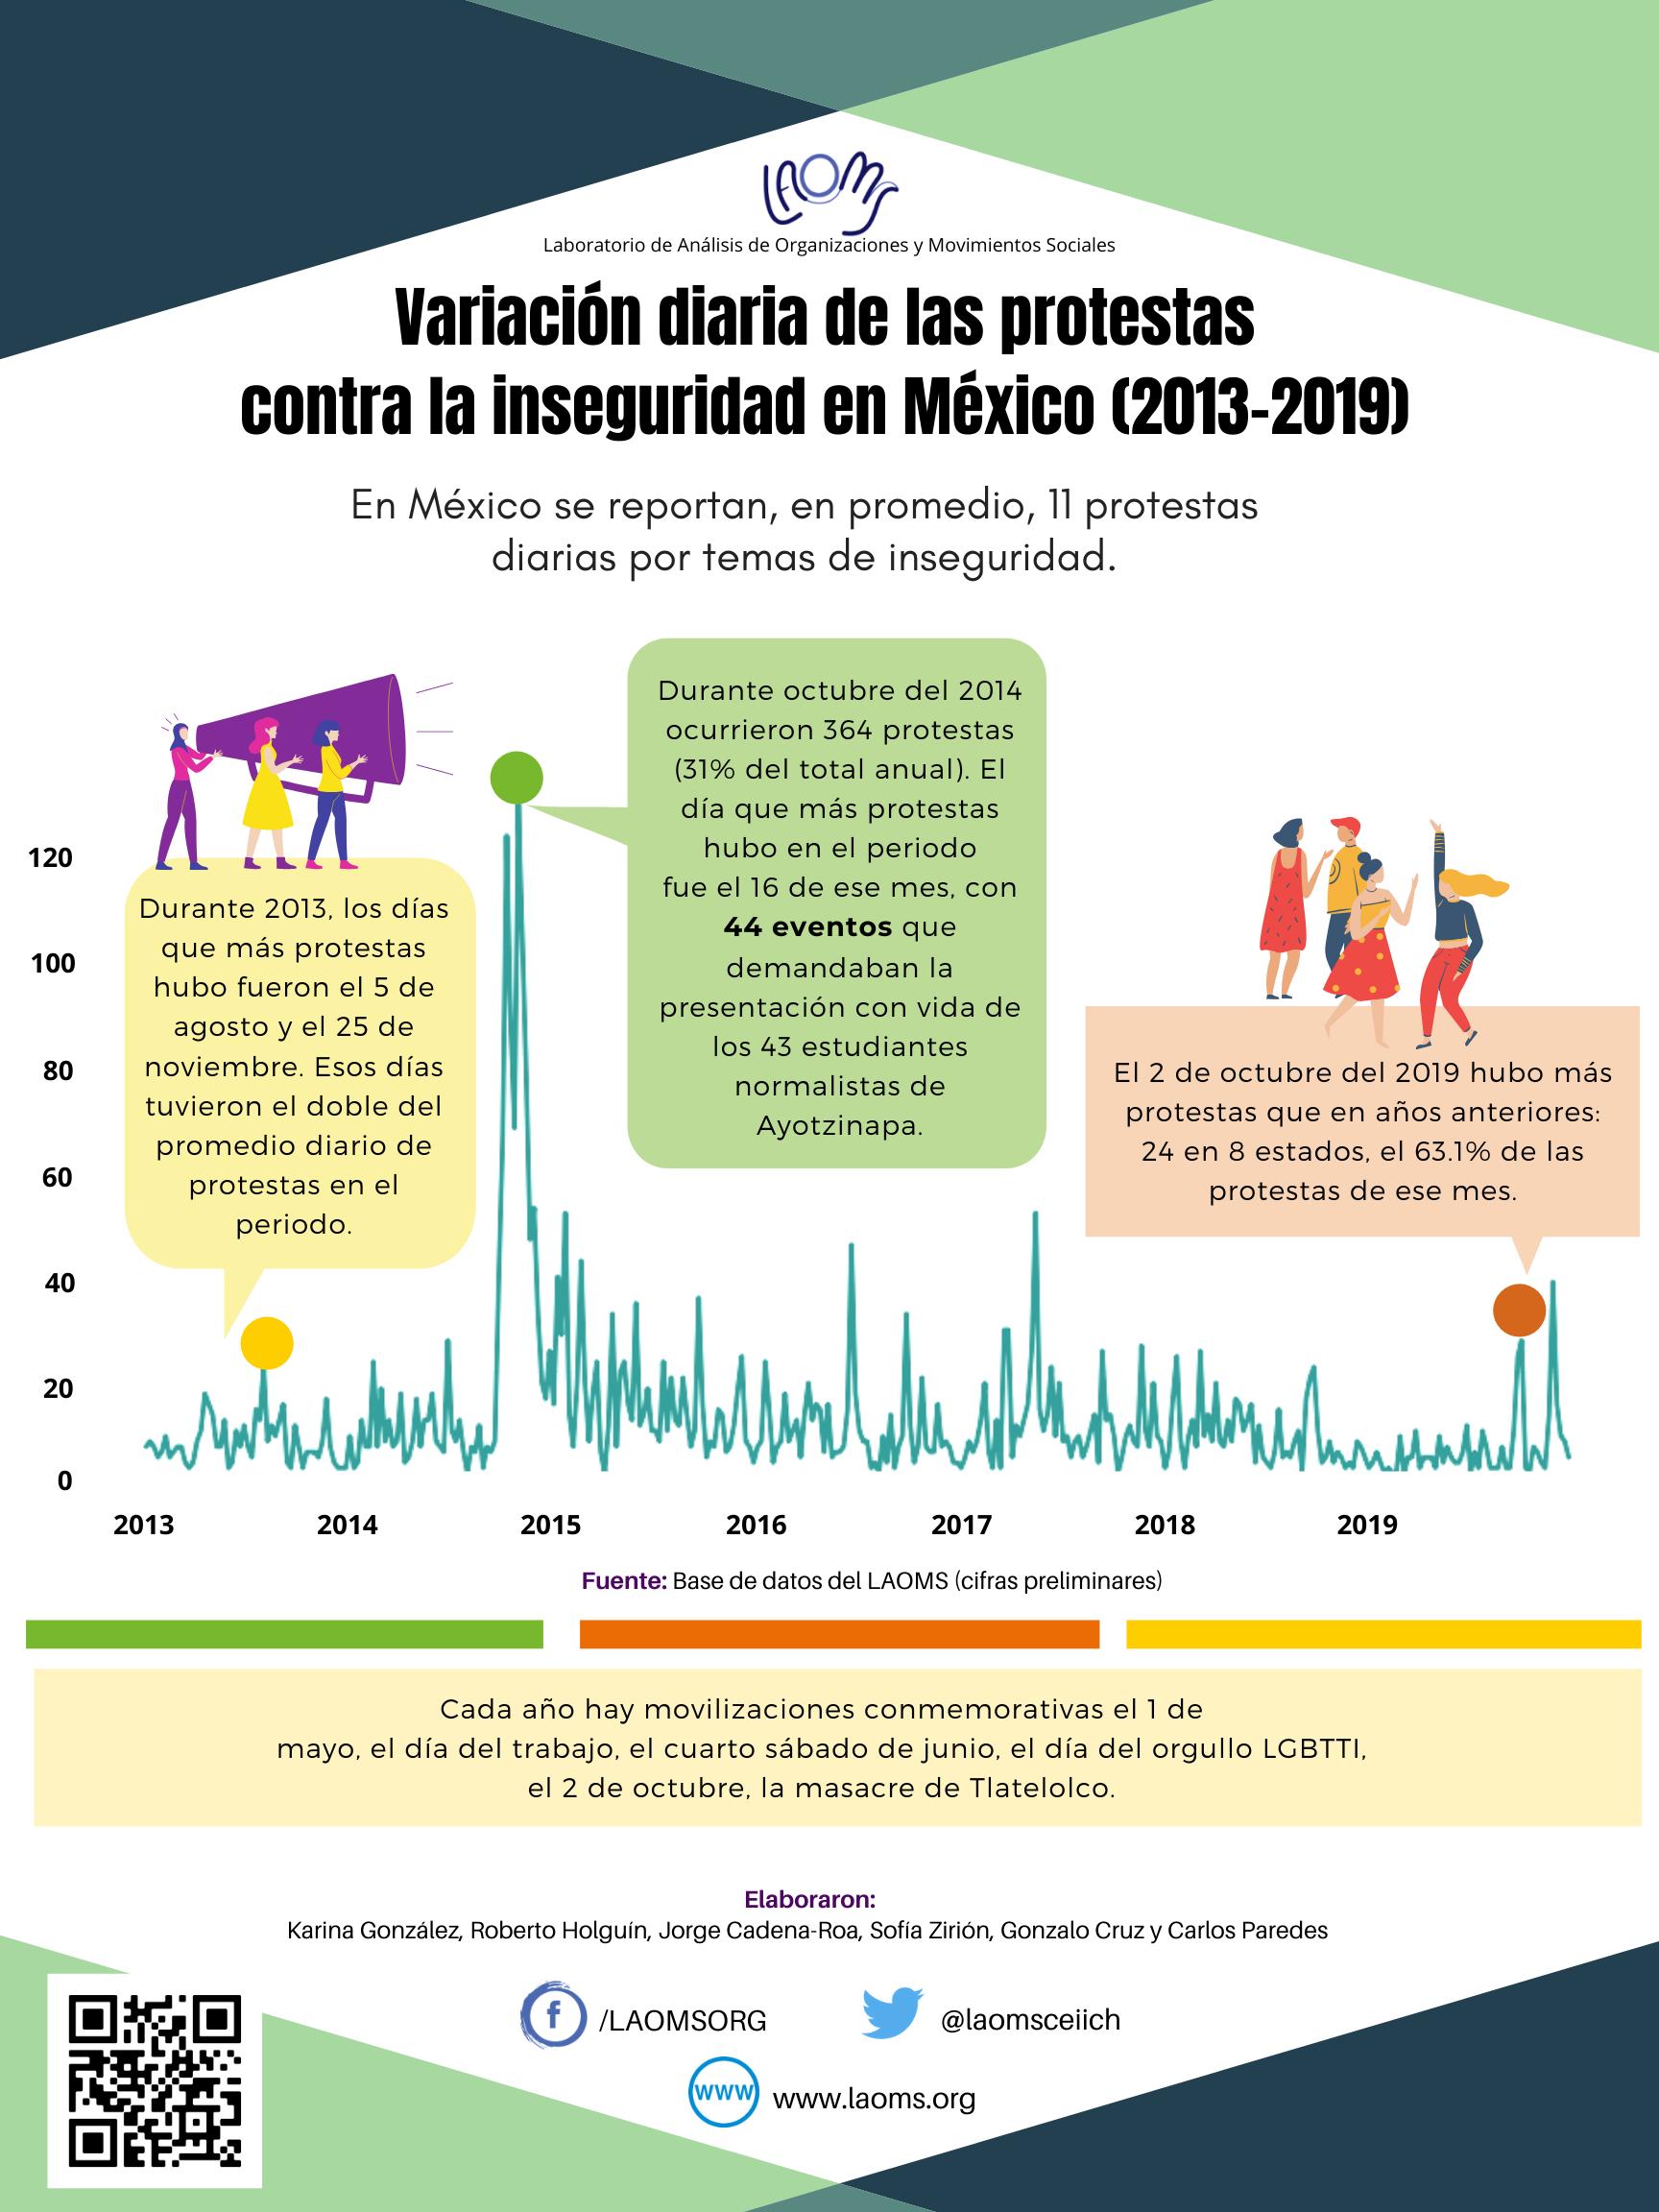 Variación diaria de las protestas contra la inseguridad en México